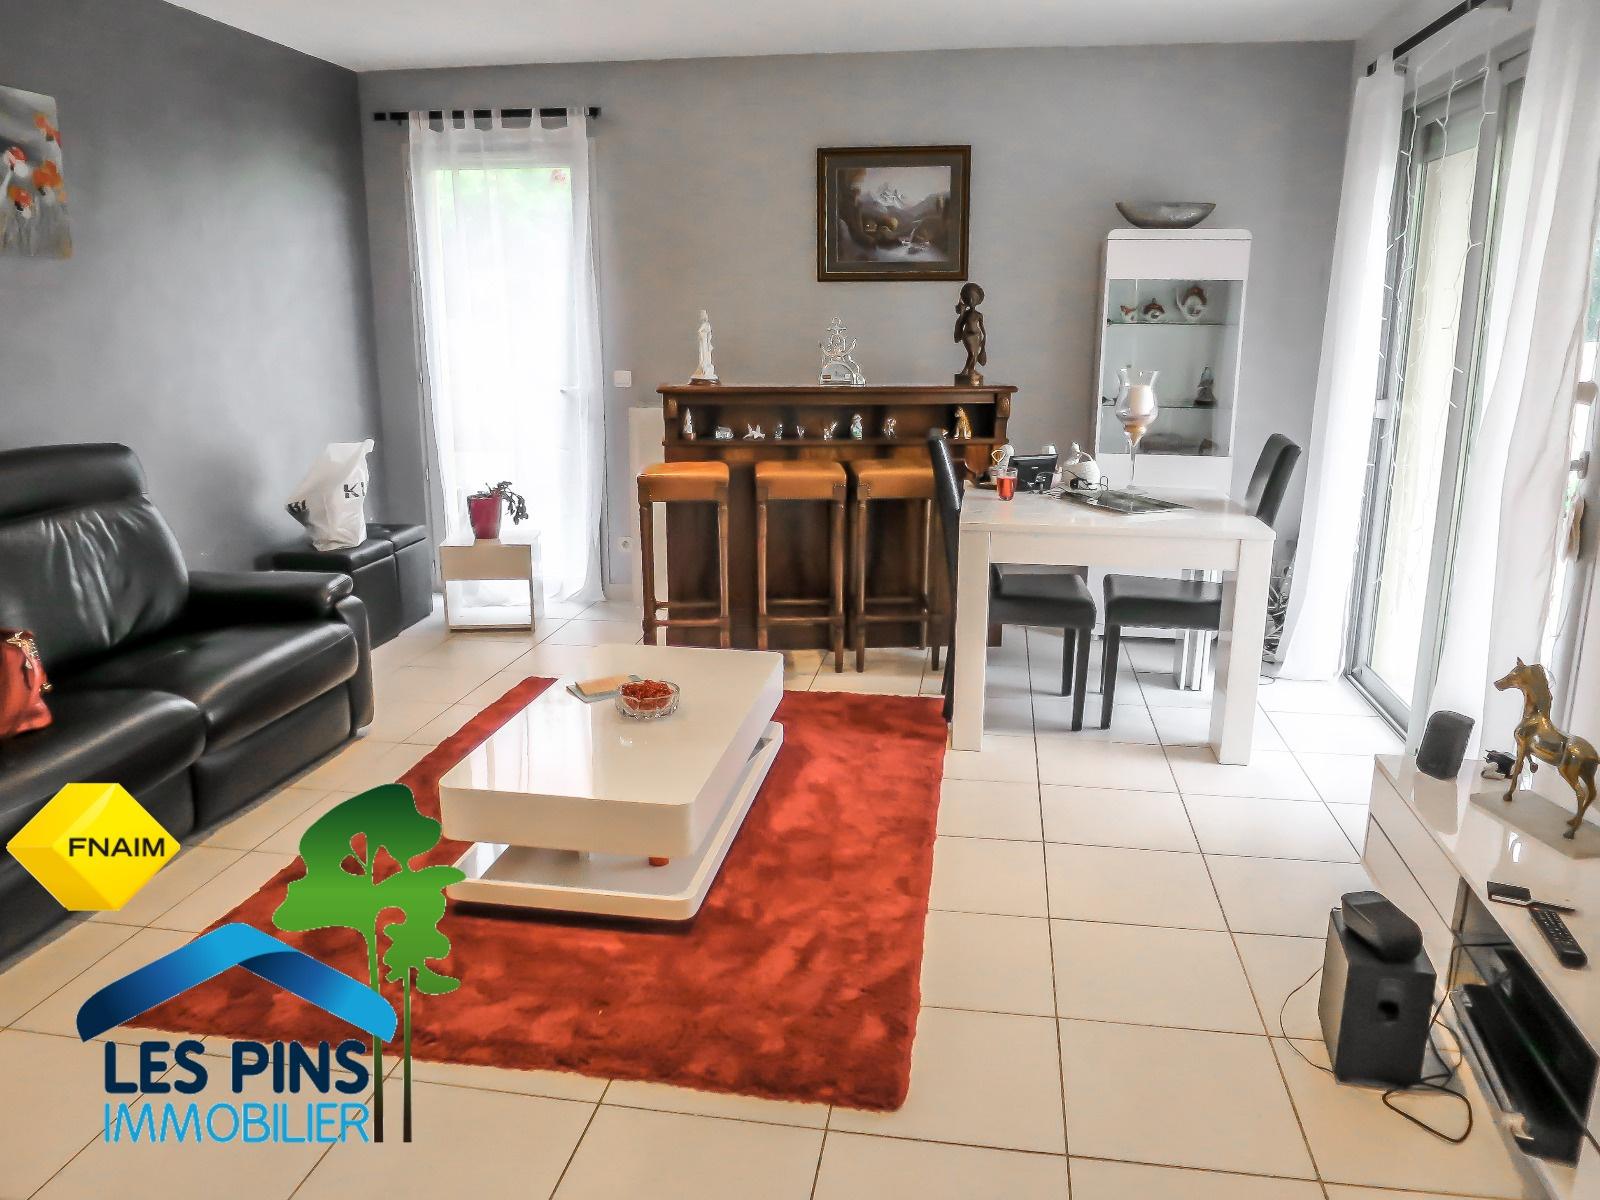 Appartement T3 65 M2 Avec Jardin Privatif Env 100 M2